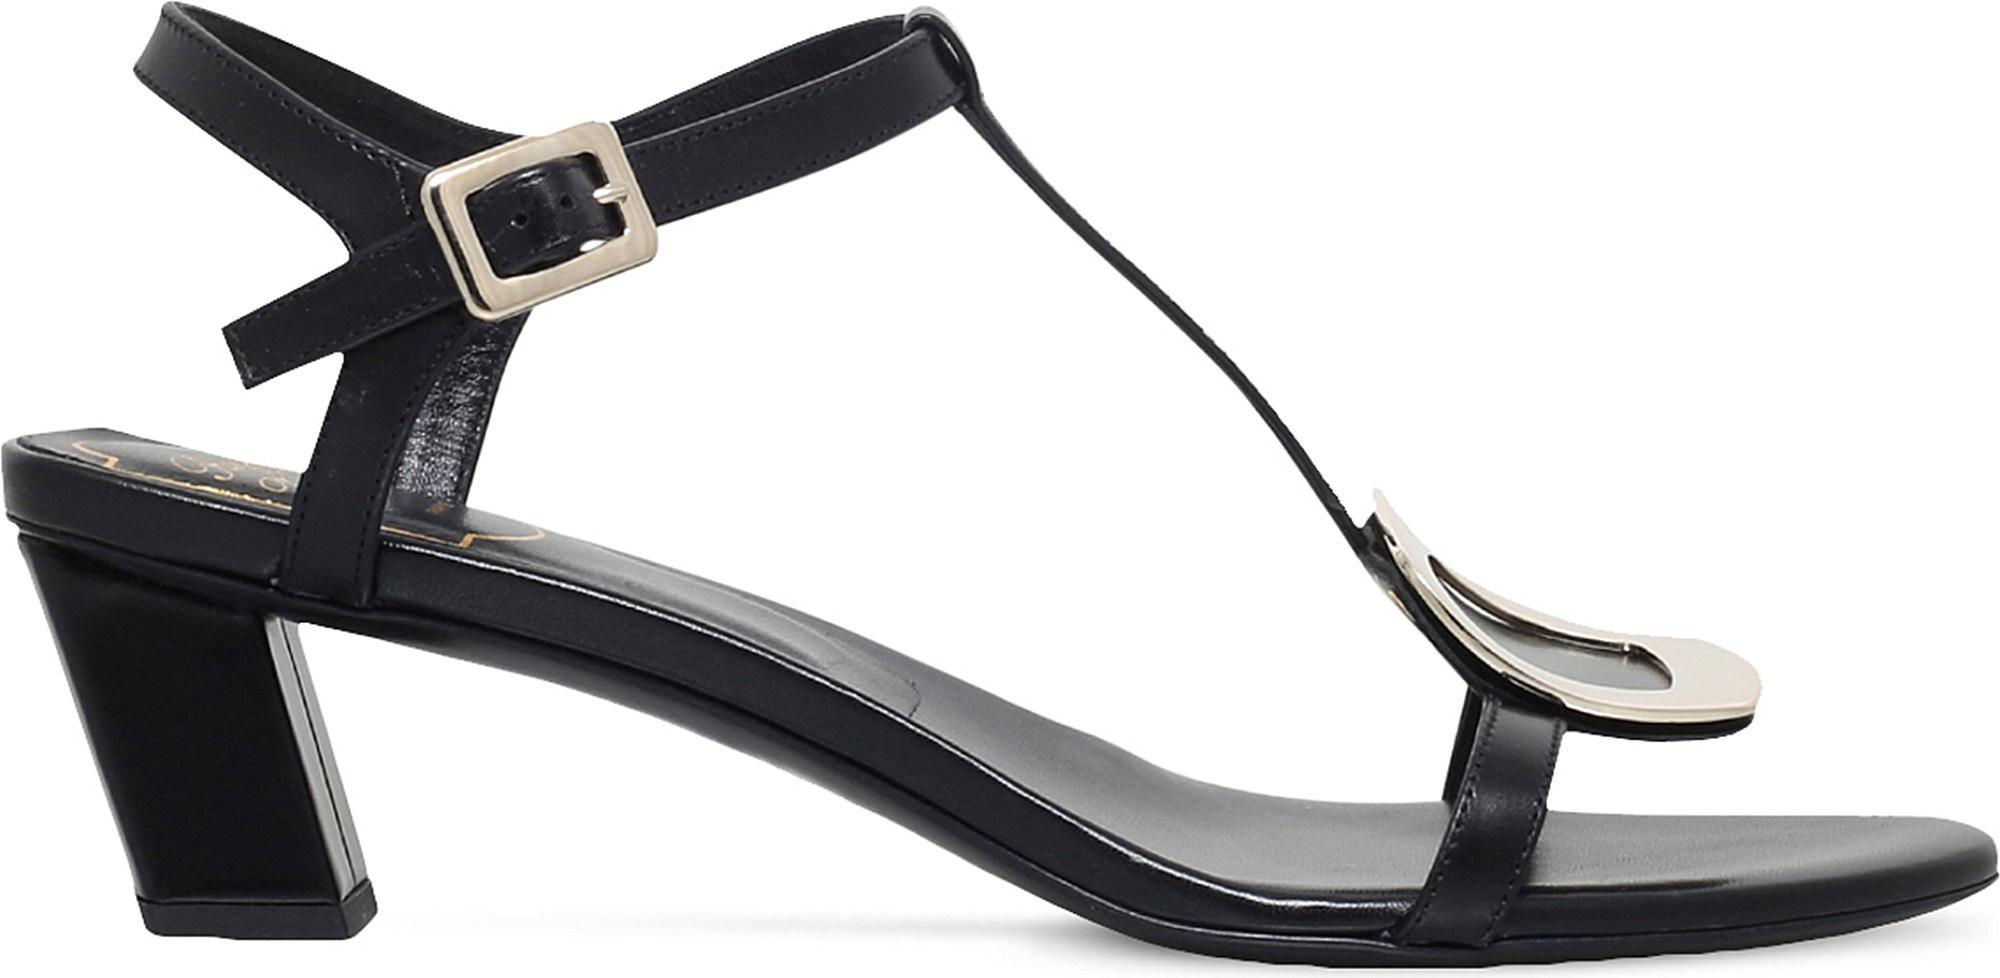 9dafd1f2389 Lyst - Roger Vivier Chips Leather T-strap Sandal in Black - Save 50%